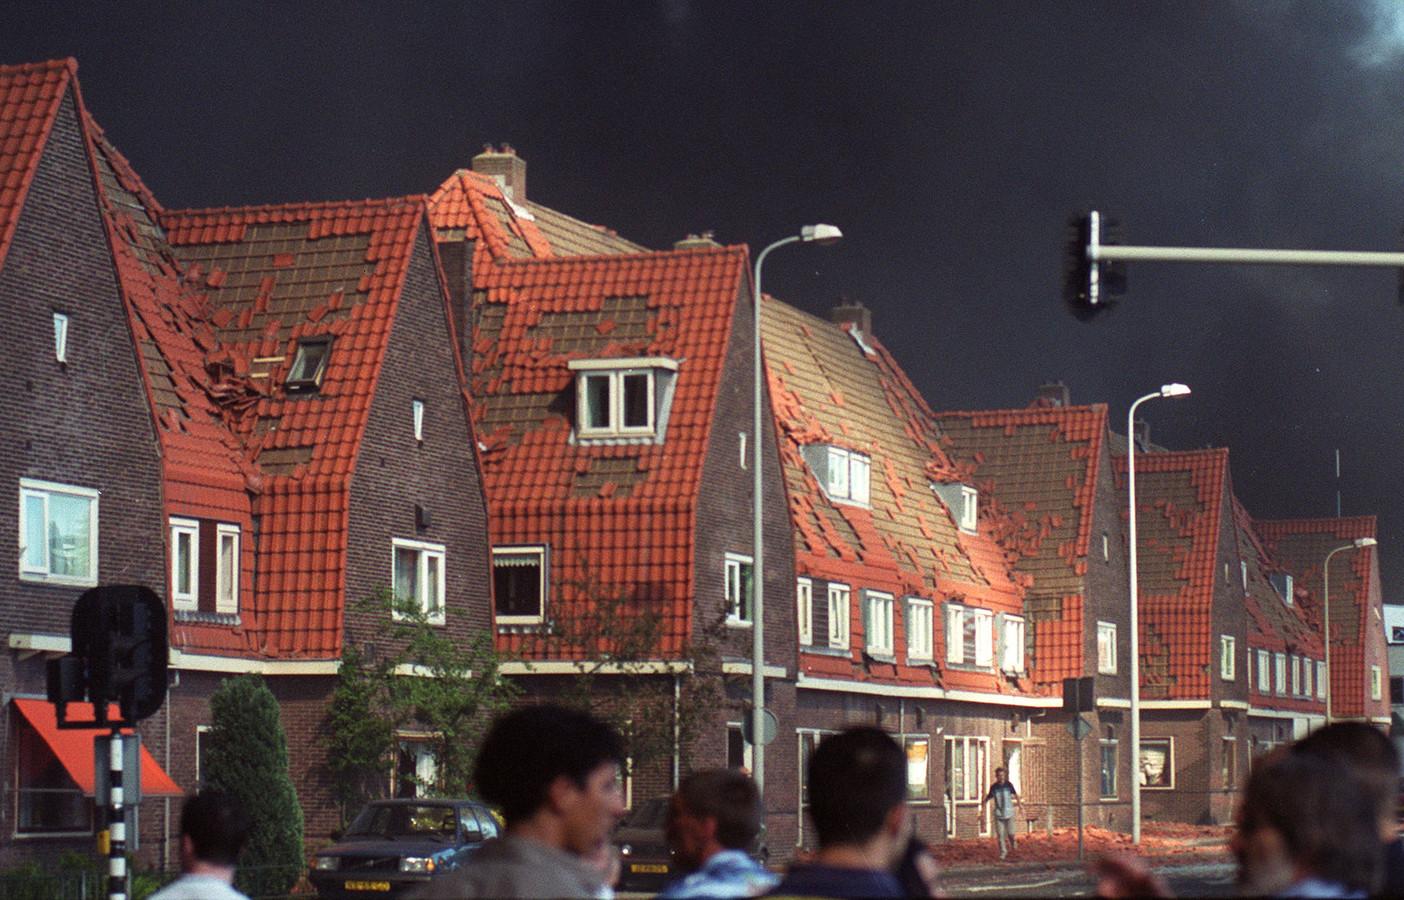 De Deurningerstraat op de hoek met de Boddenkampsingel in Enschede op de dag van de vuurwerkramp.